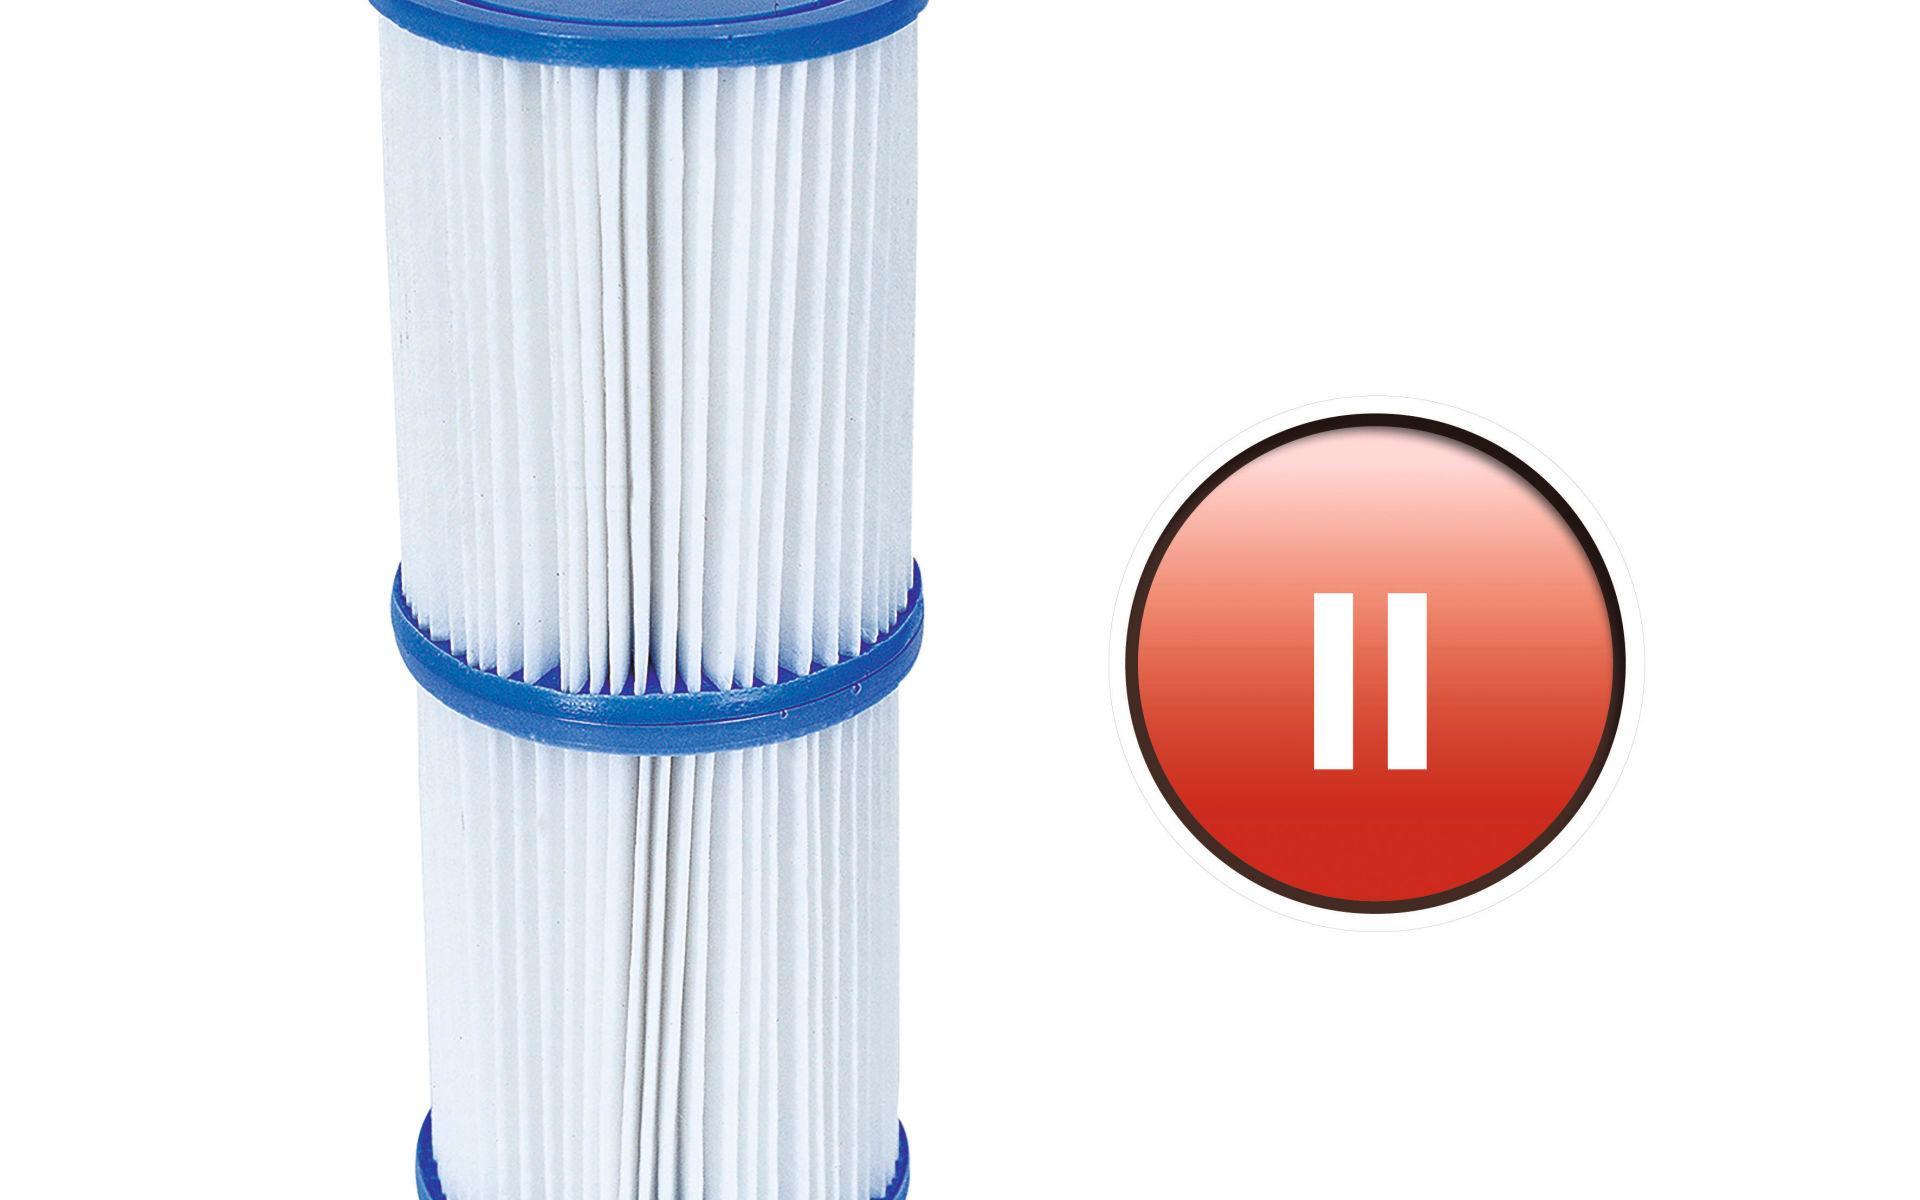 Bestway 8320505 filtro para depuradora opiniones recambio for Filtro de cartucho para piscina